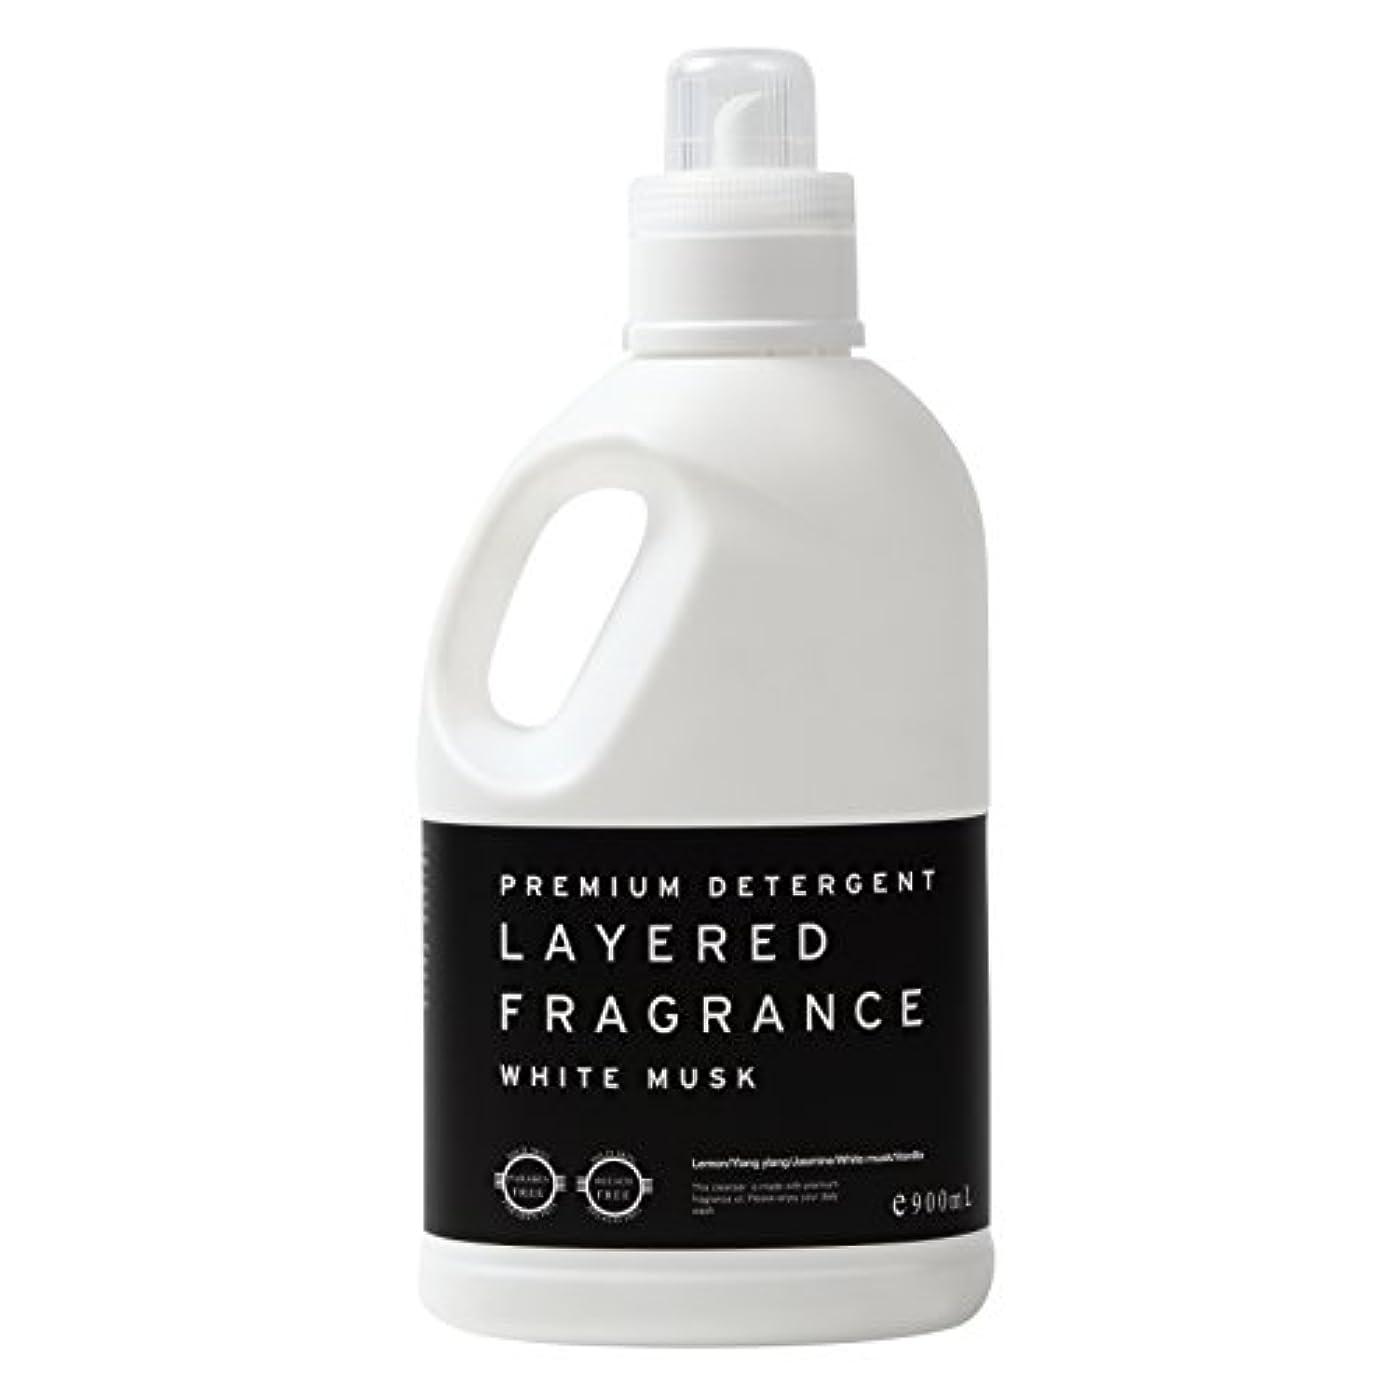 極めてバーガーアウトドアレイヤードフレグランス プレミアム デタージェント 洗濯用洗剤 ホワイトムスク